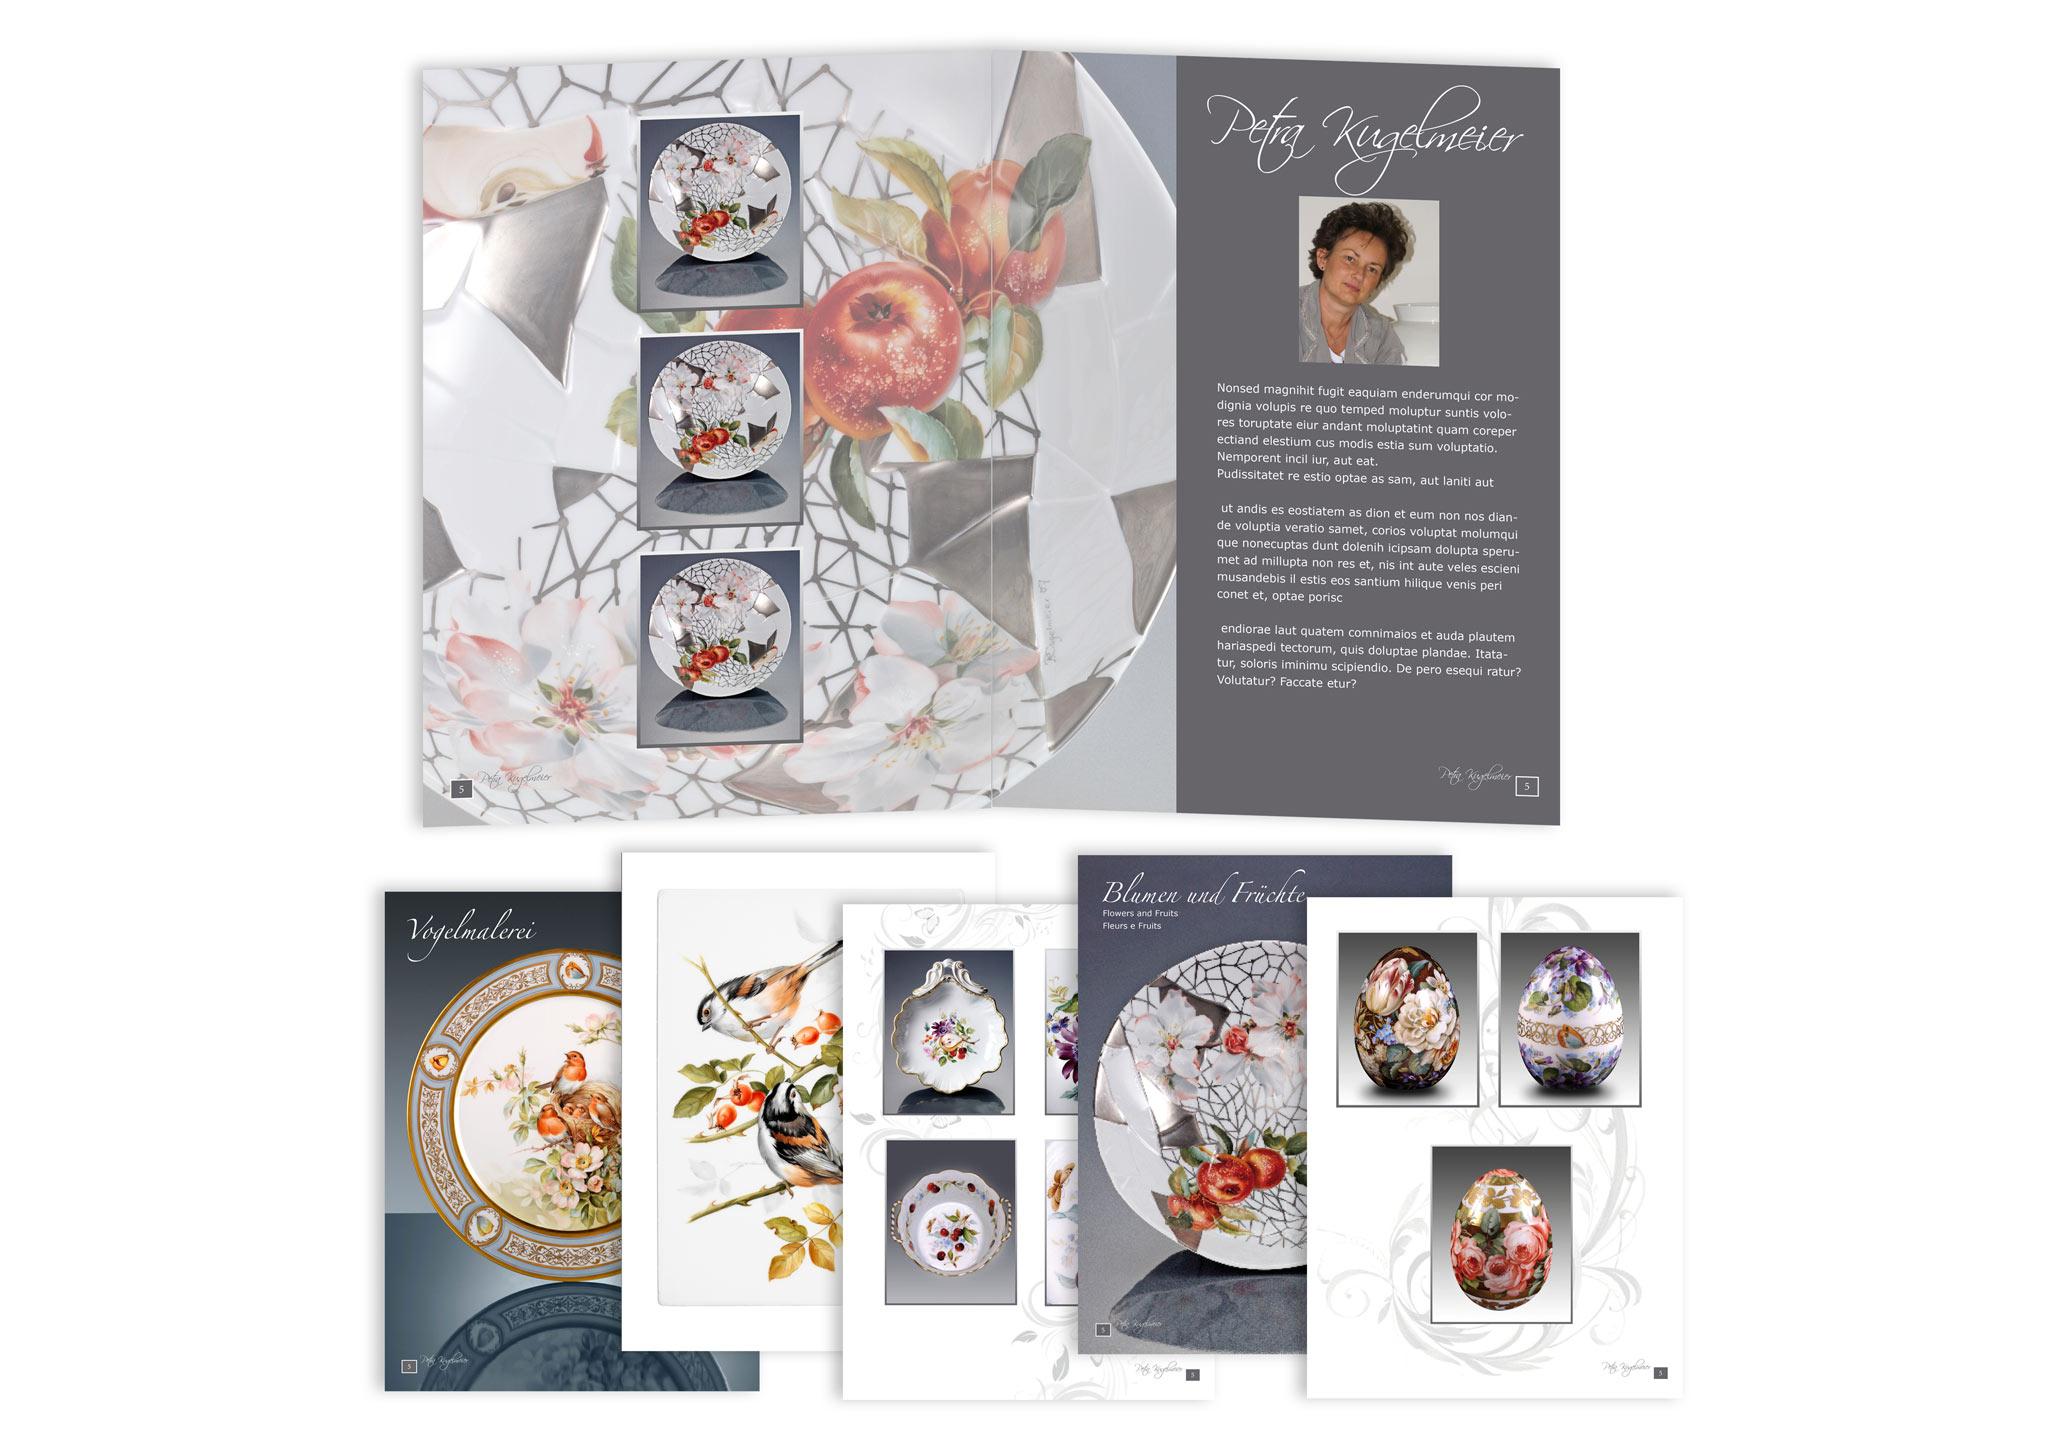 Broschüre und Prospekt für Porzellanmalerei